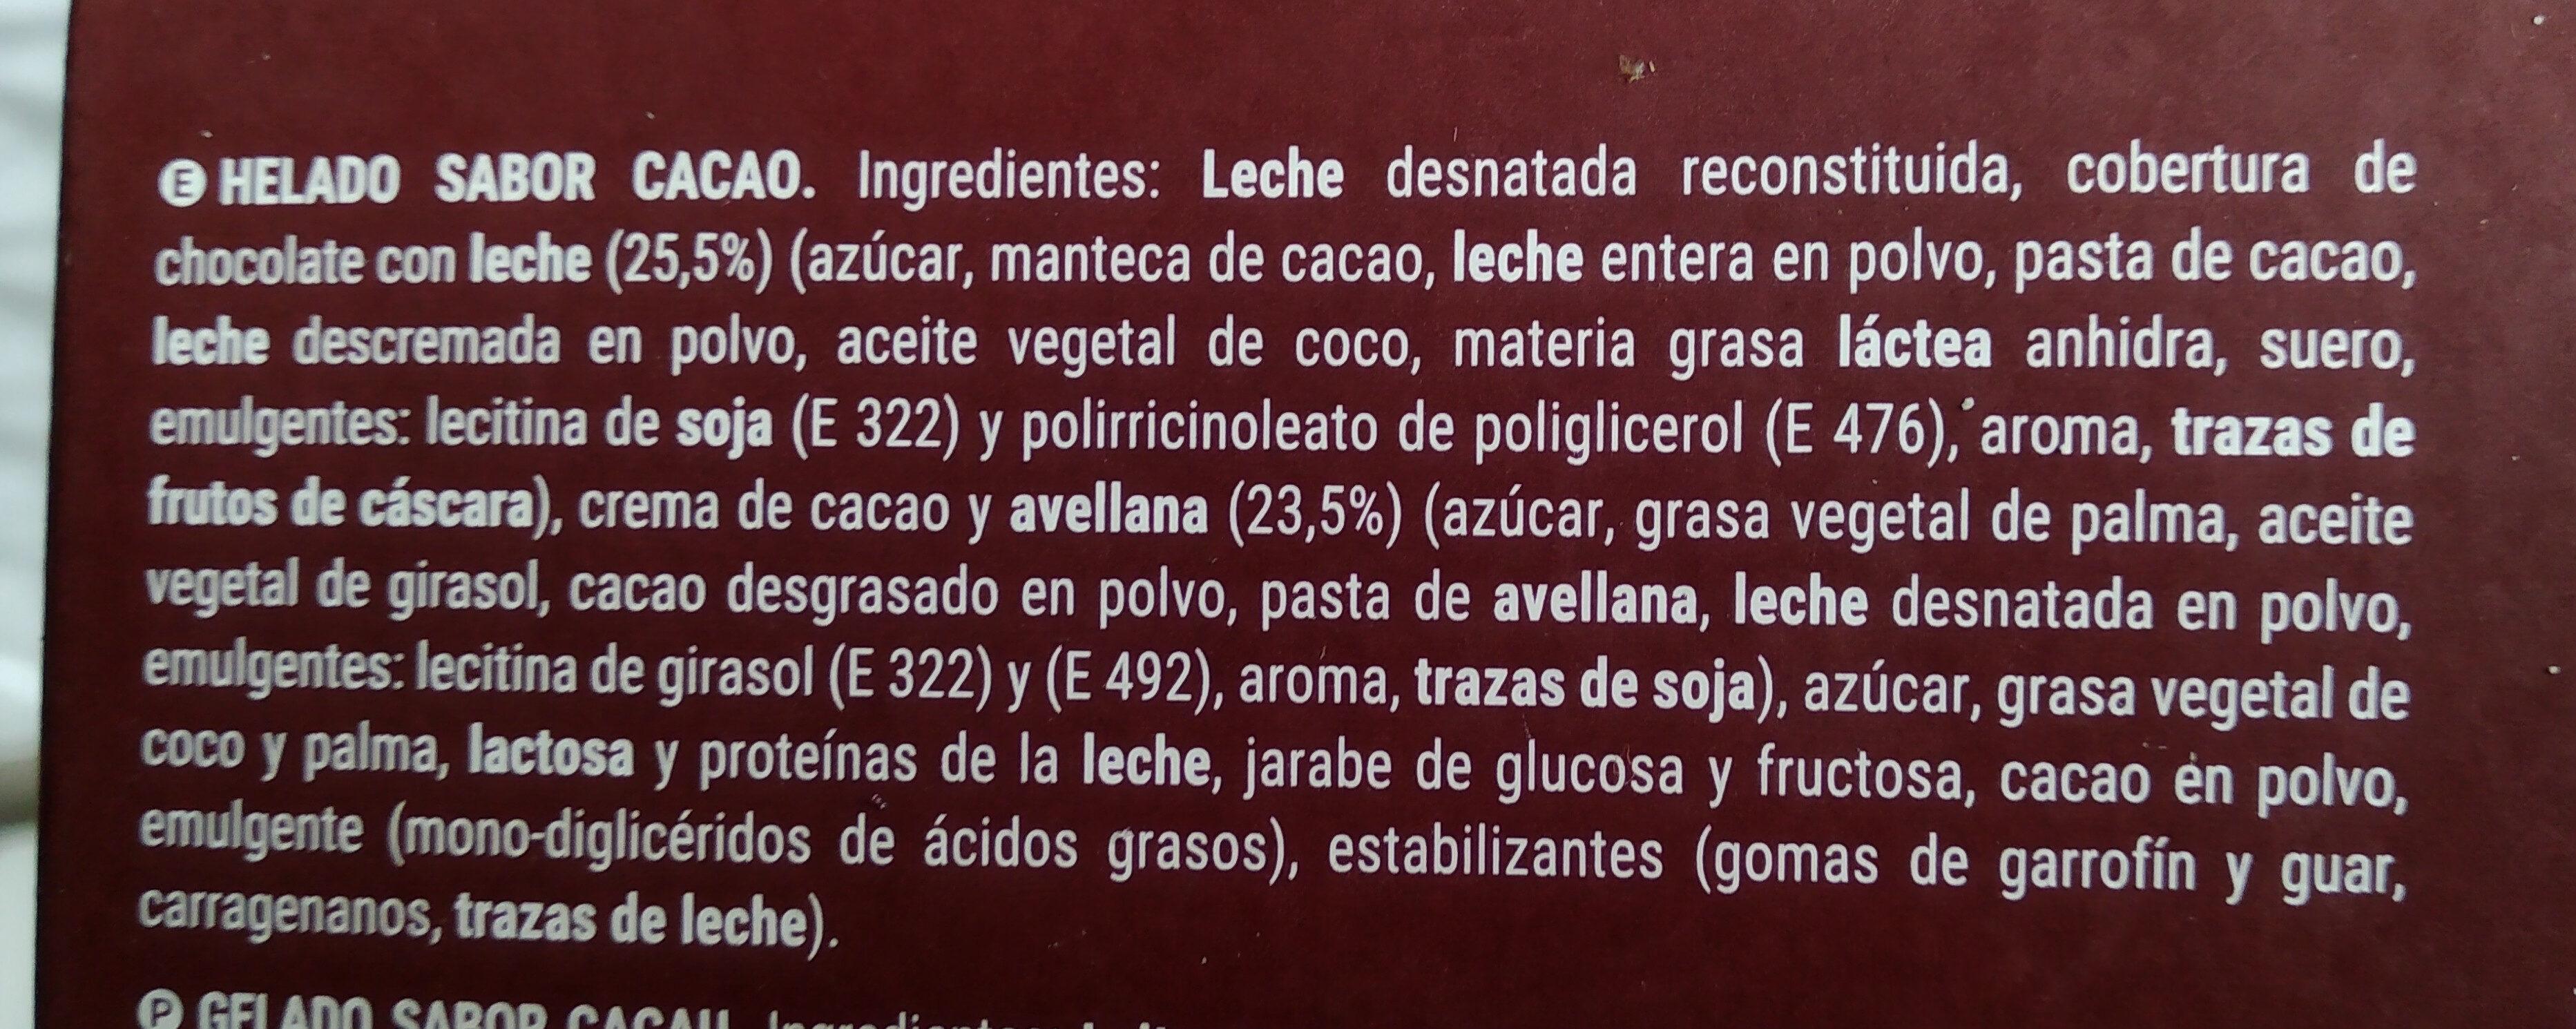 Mini almendrado - Ingredients - es